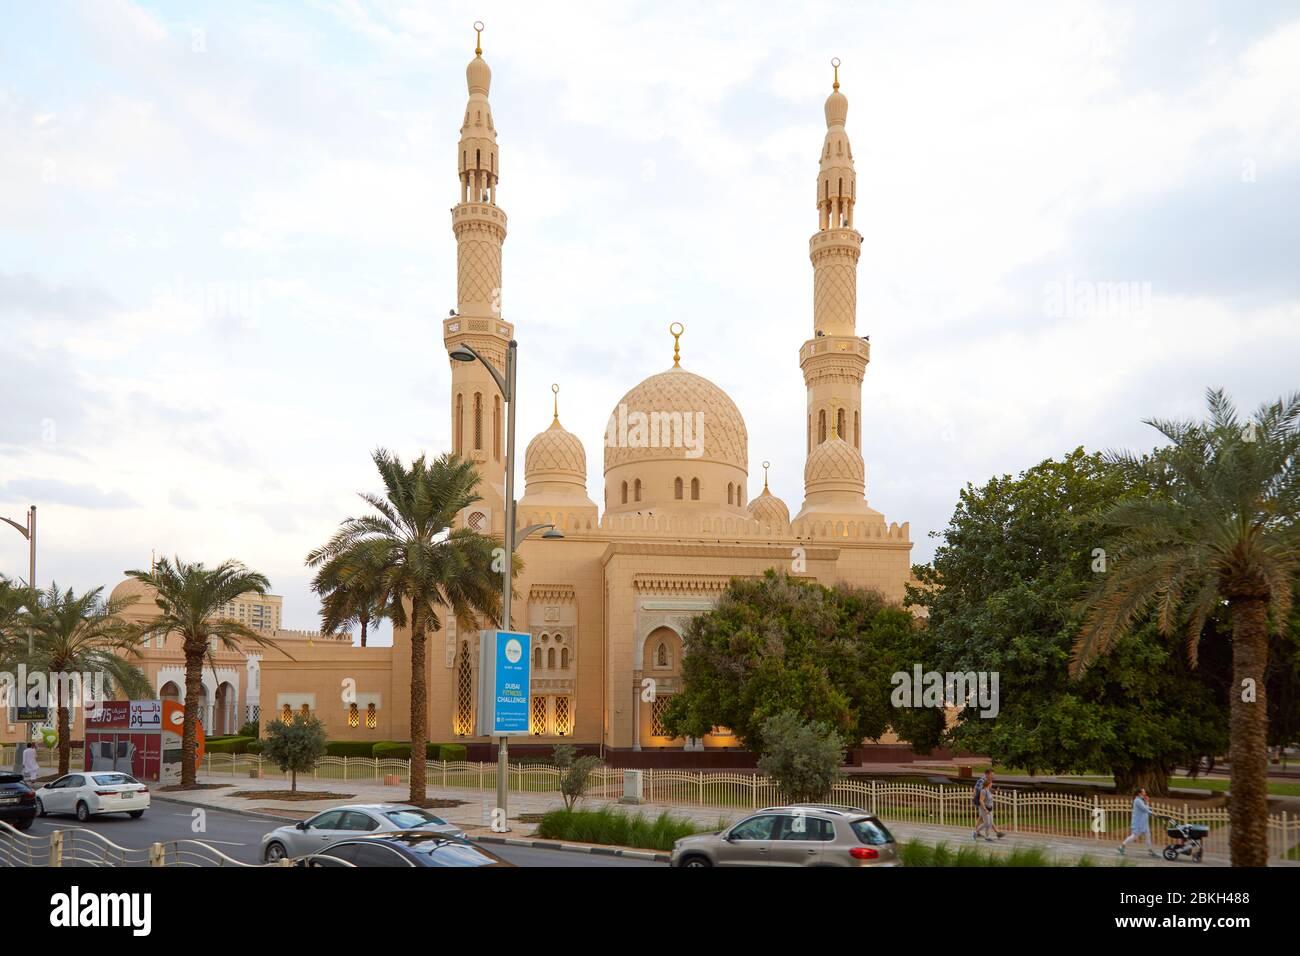 DUBAÏ, EMIRATS ARABES UNIS - 21 NOVEMBRE 2019 : vue sur la mosquée de Jumeirah avec palmiers et personnes passant dans l'après-midi Banque D'Images